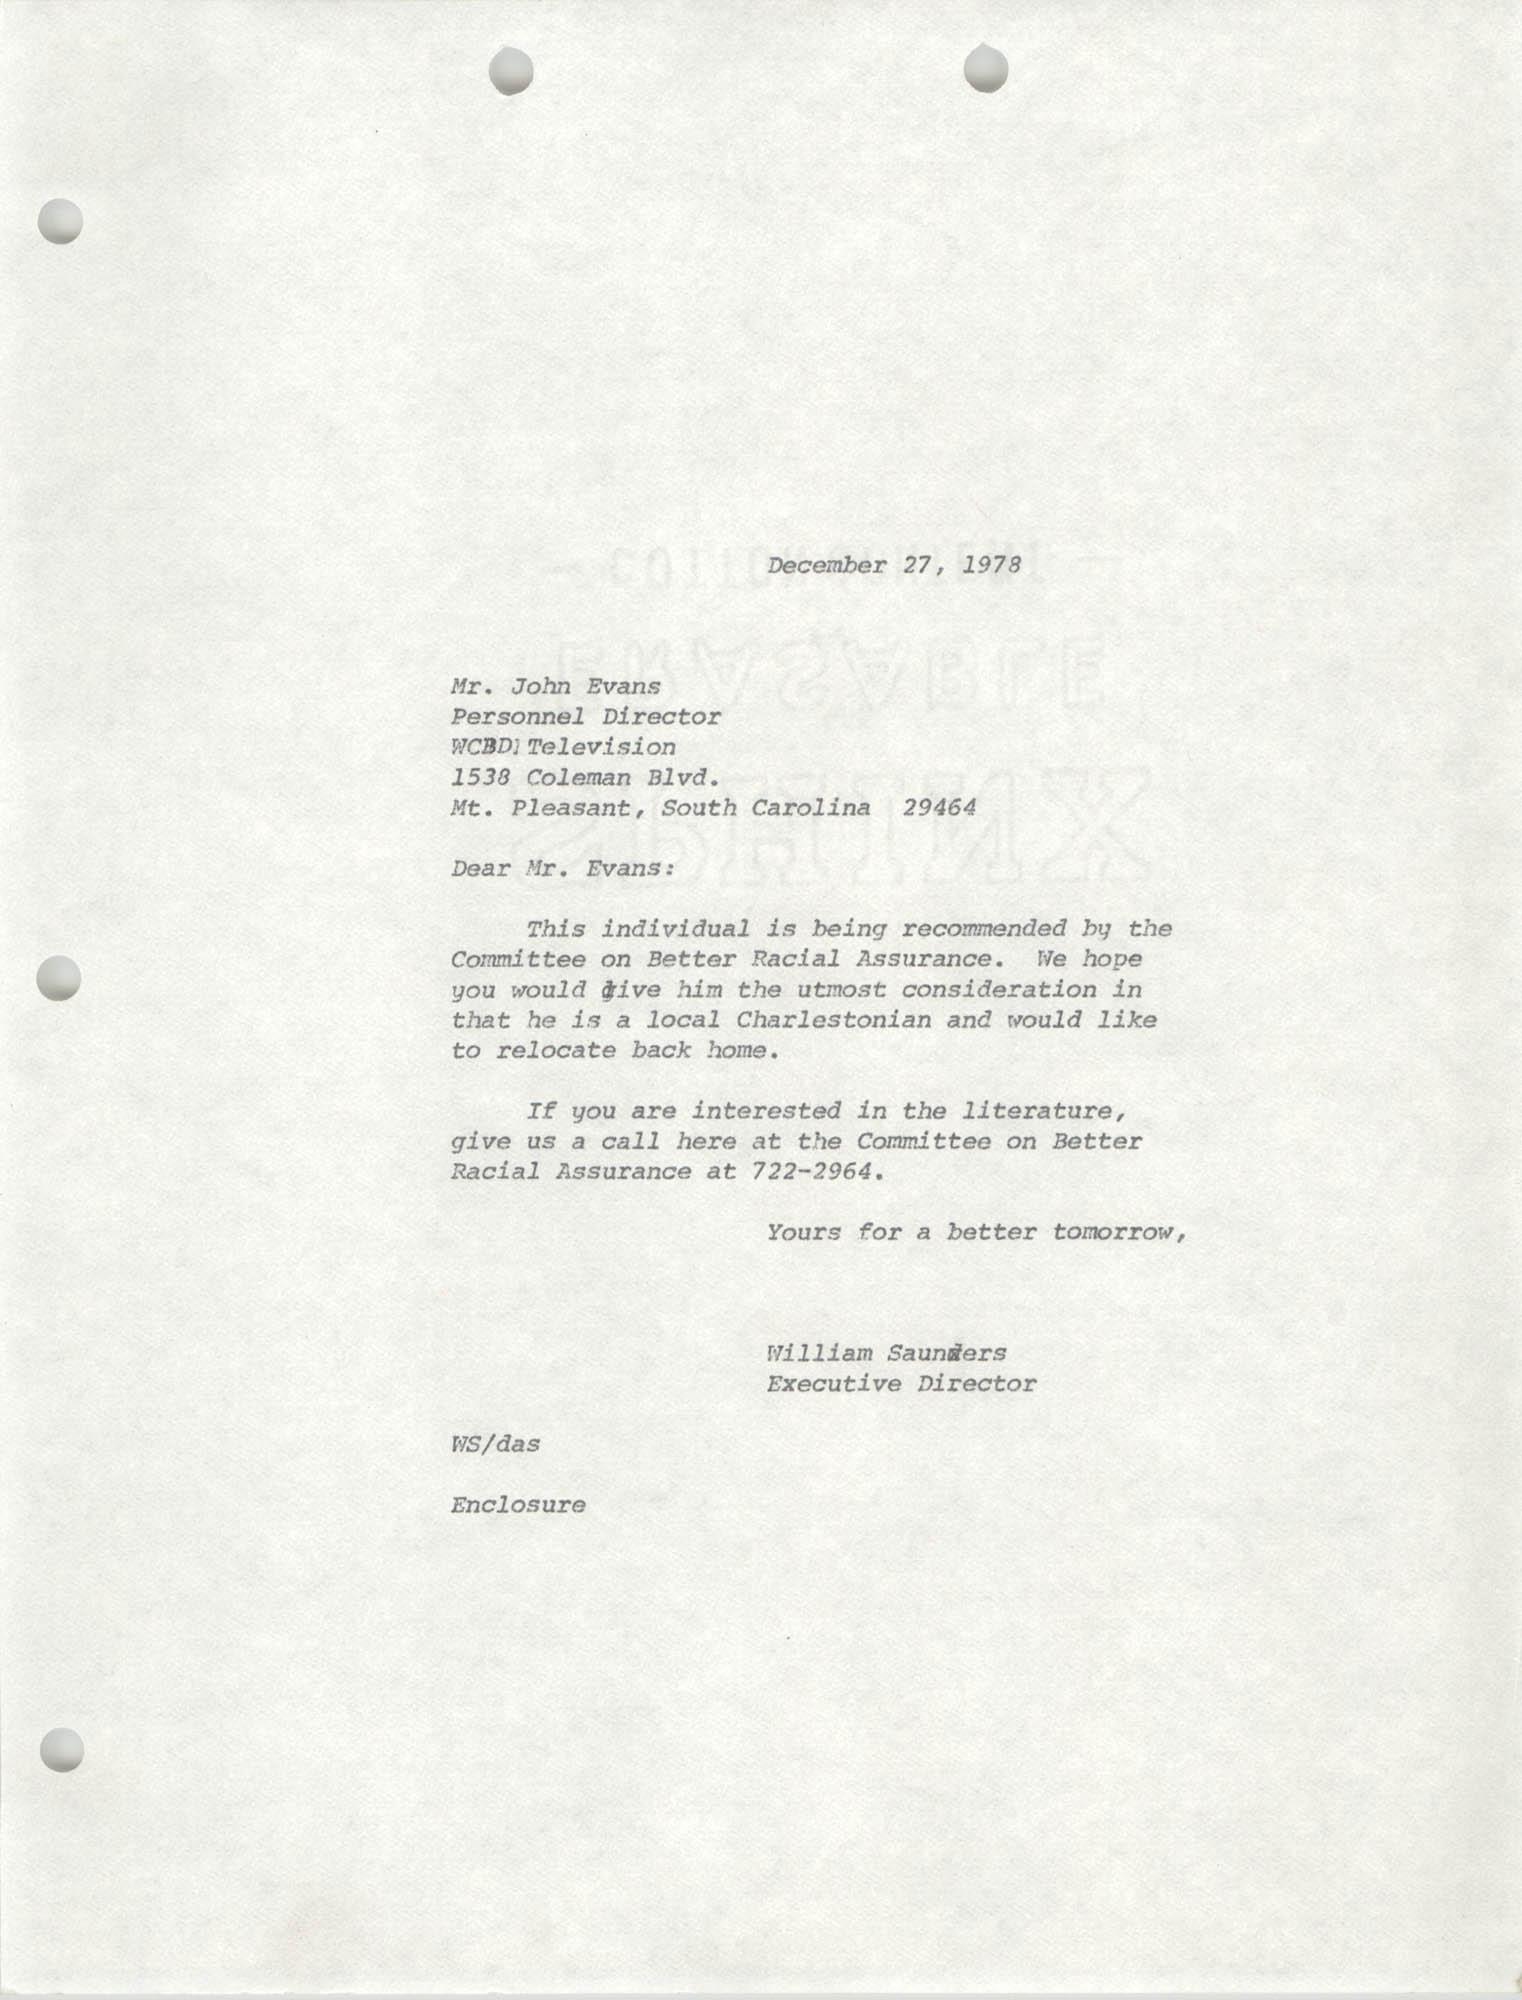 Letter from William Saunders to John Evans, December 27, 1978